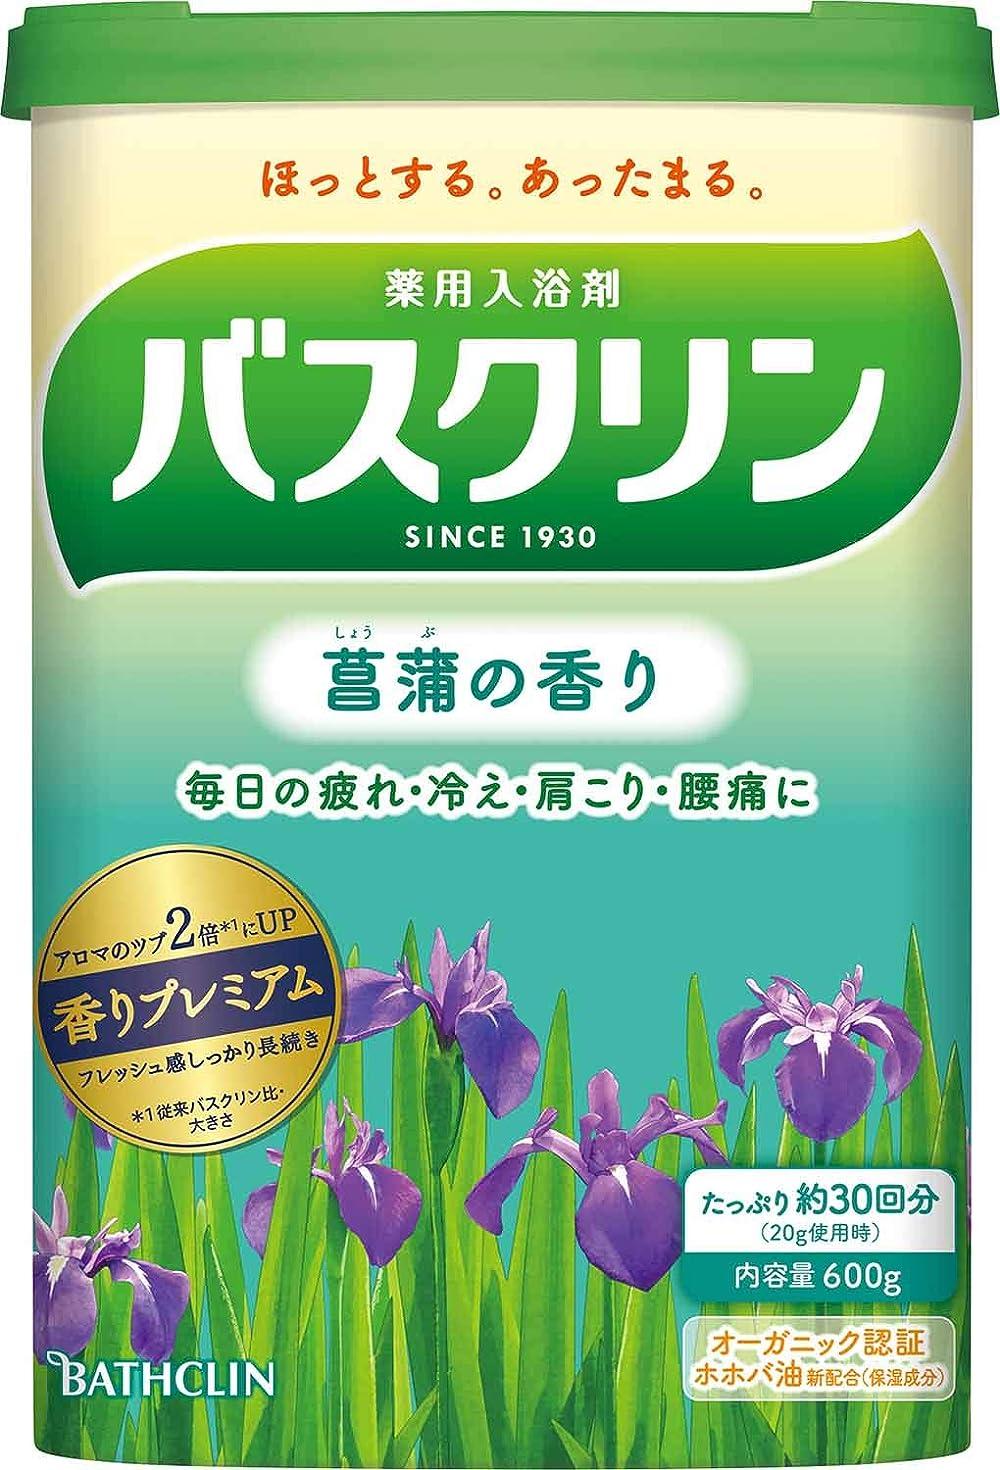 系譜論争太鼓腹【医薬部外品】バスクリン入浴剤 菖蒲の香り600g(約30回分) 疲労回復